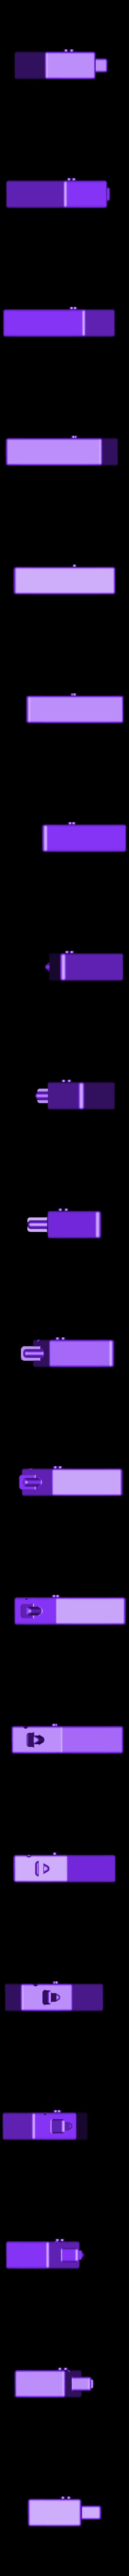 C.stl Télécharger fichier STL gratuit Casse-tête en braille de la couronne de Fittle • Design pour impression 3D, Fittle